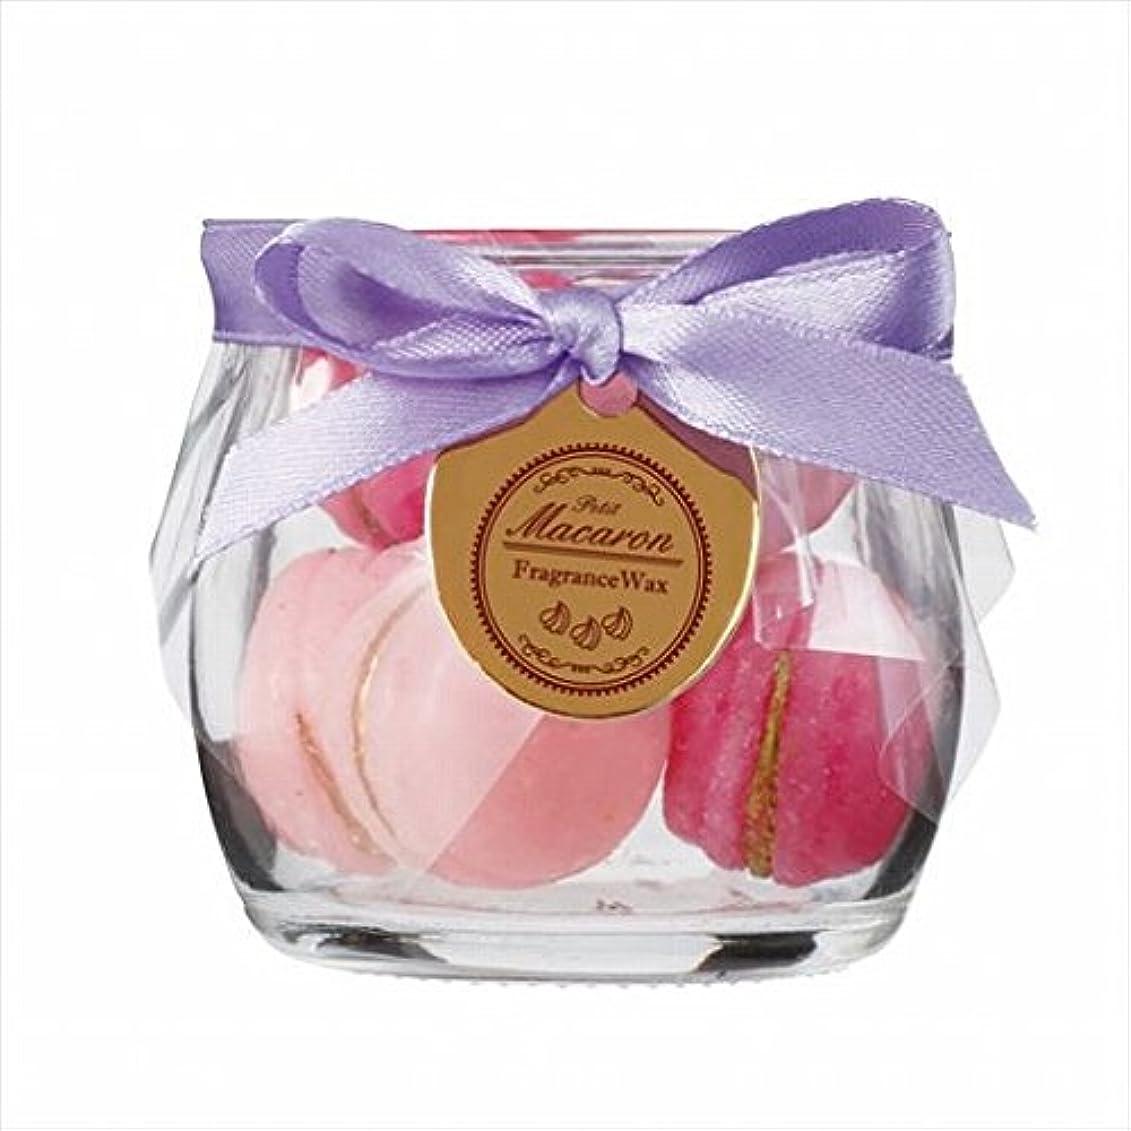 ブッシュ抵抗するマイクロフォンスイーツキャンドル( sweets candle ) プチマカロンフレグランス 「 バニラ 」 キャンドル